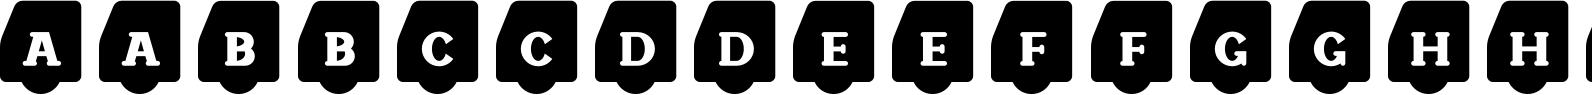 LonghaultruckerLogo